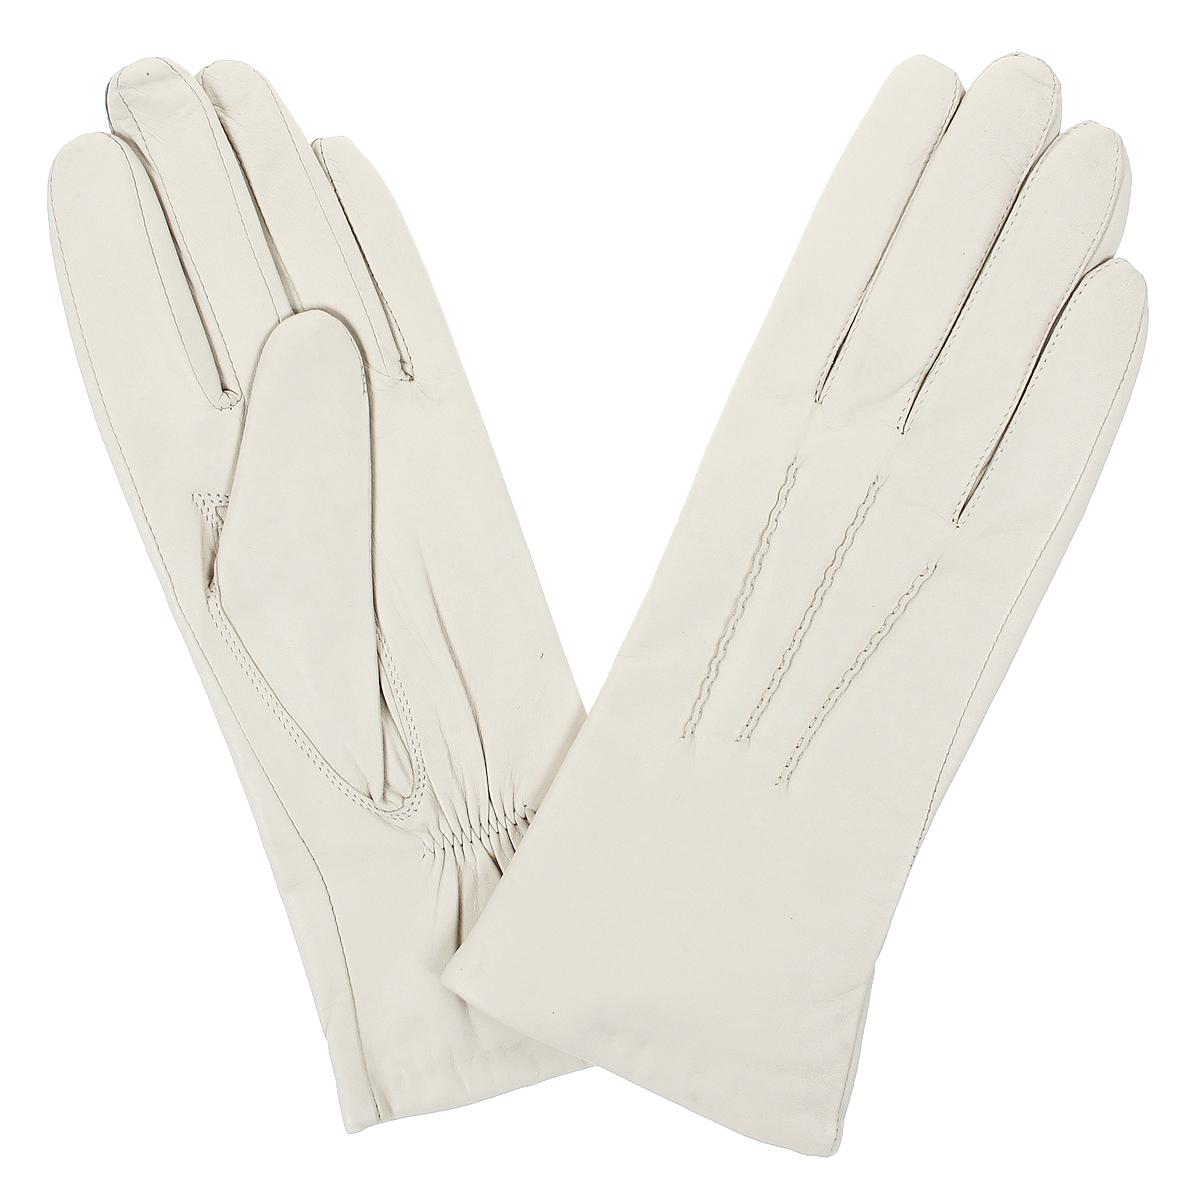 ПерчаткиW804/10Стильные женские перчатки Baggini не только защитят ваши руки от холода, но и станут великолепным украшением. Перчатки выполнены из чрезвычайно мягкой и приятной на ощупь натуральной кожи, а их подкладка - из натуральной шерсти. На внутренней стороне под большим пальцем перчатки присборены на резинку. Лицевая сторона оформлена выпуклыми декоративными швами. В настоящее время перчатки являются неотъемлемой принадлежностью одежды, вместе с этим аксессуаром вы обретаете женственность и элегантность. Перчатки станут завершающим и подчеркивающим элементом вашего стиля и неповторимости.